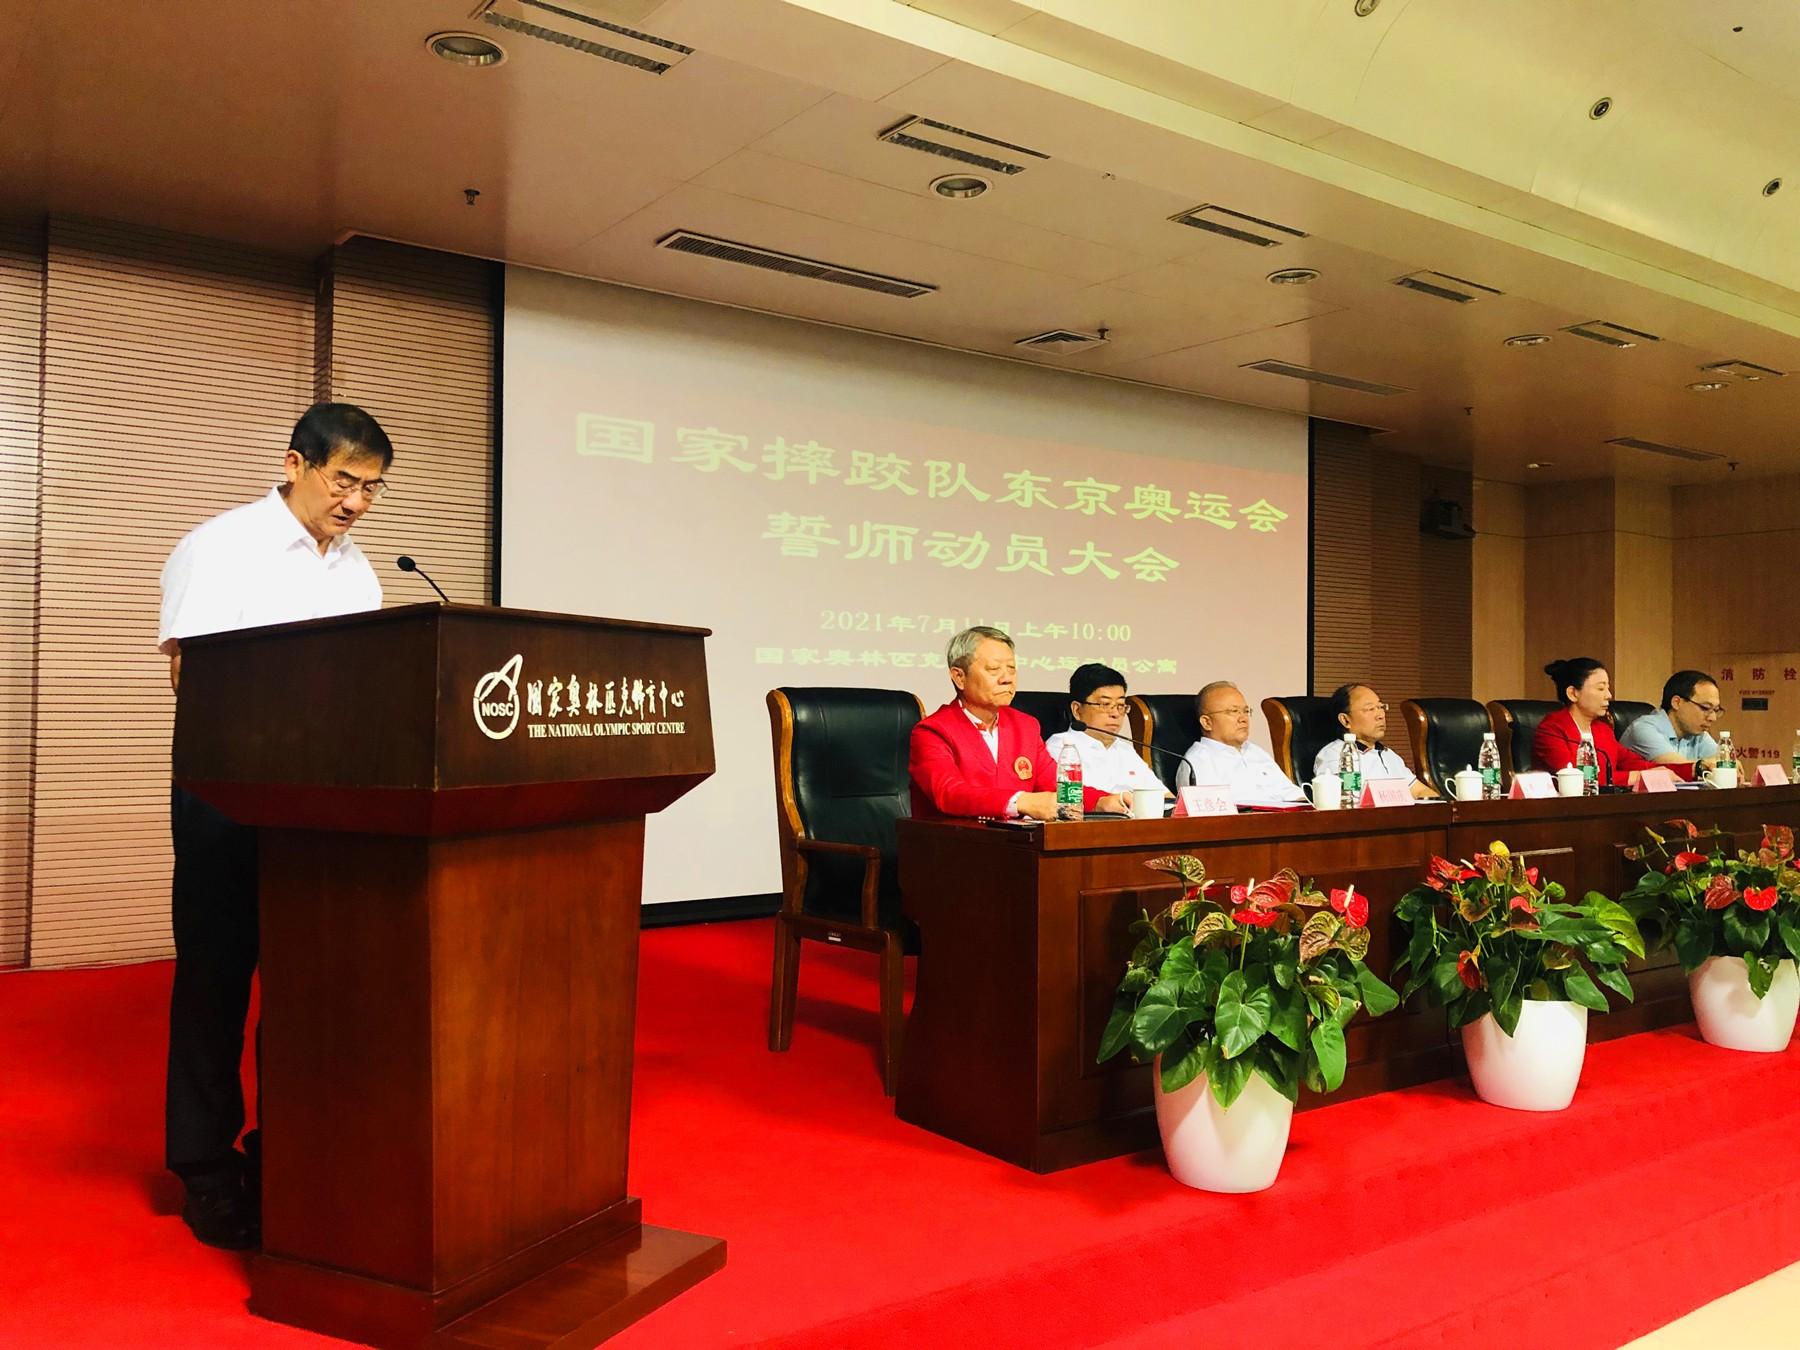 四川工业科技学院校长张小南受邀出席国家摔跤队奥运会誓师动员大会